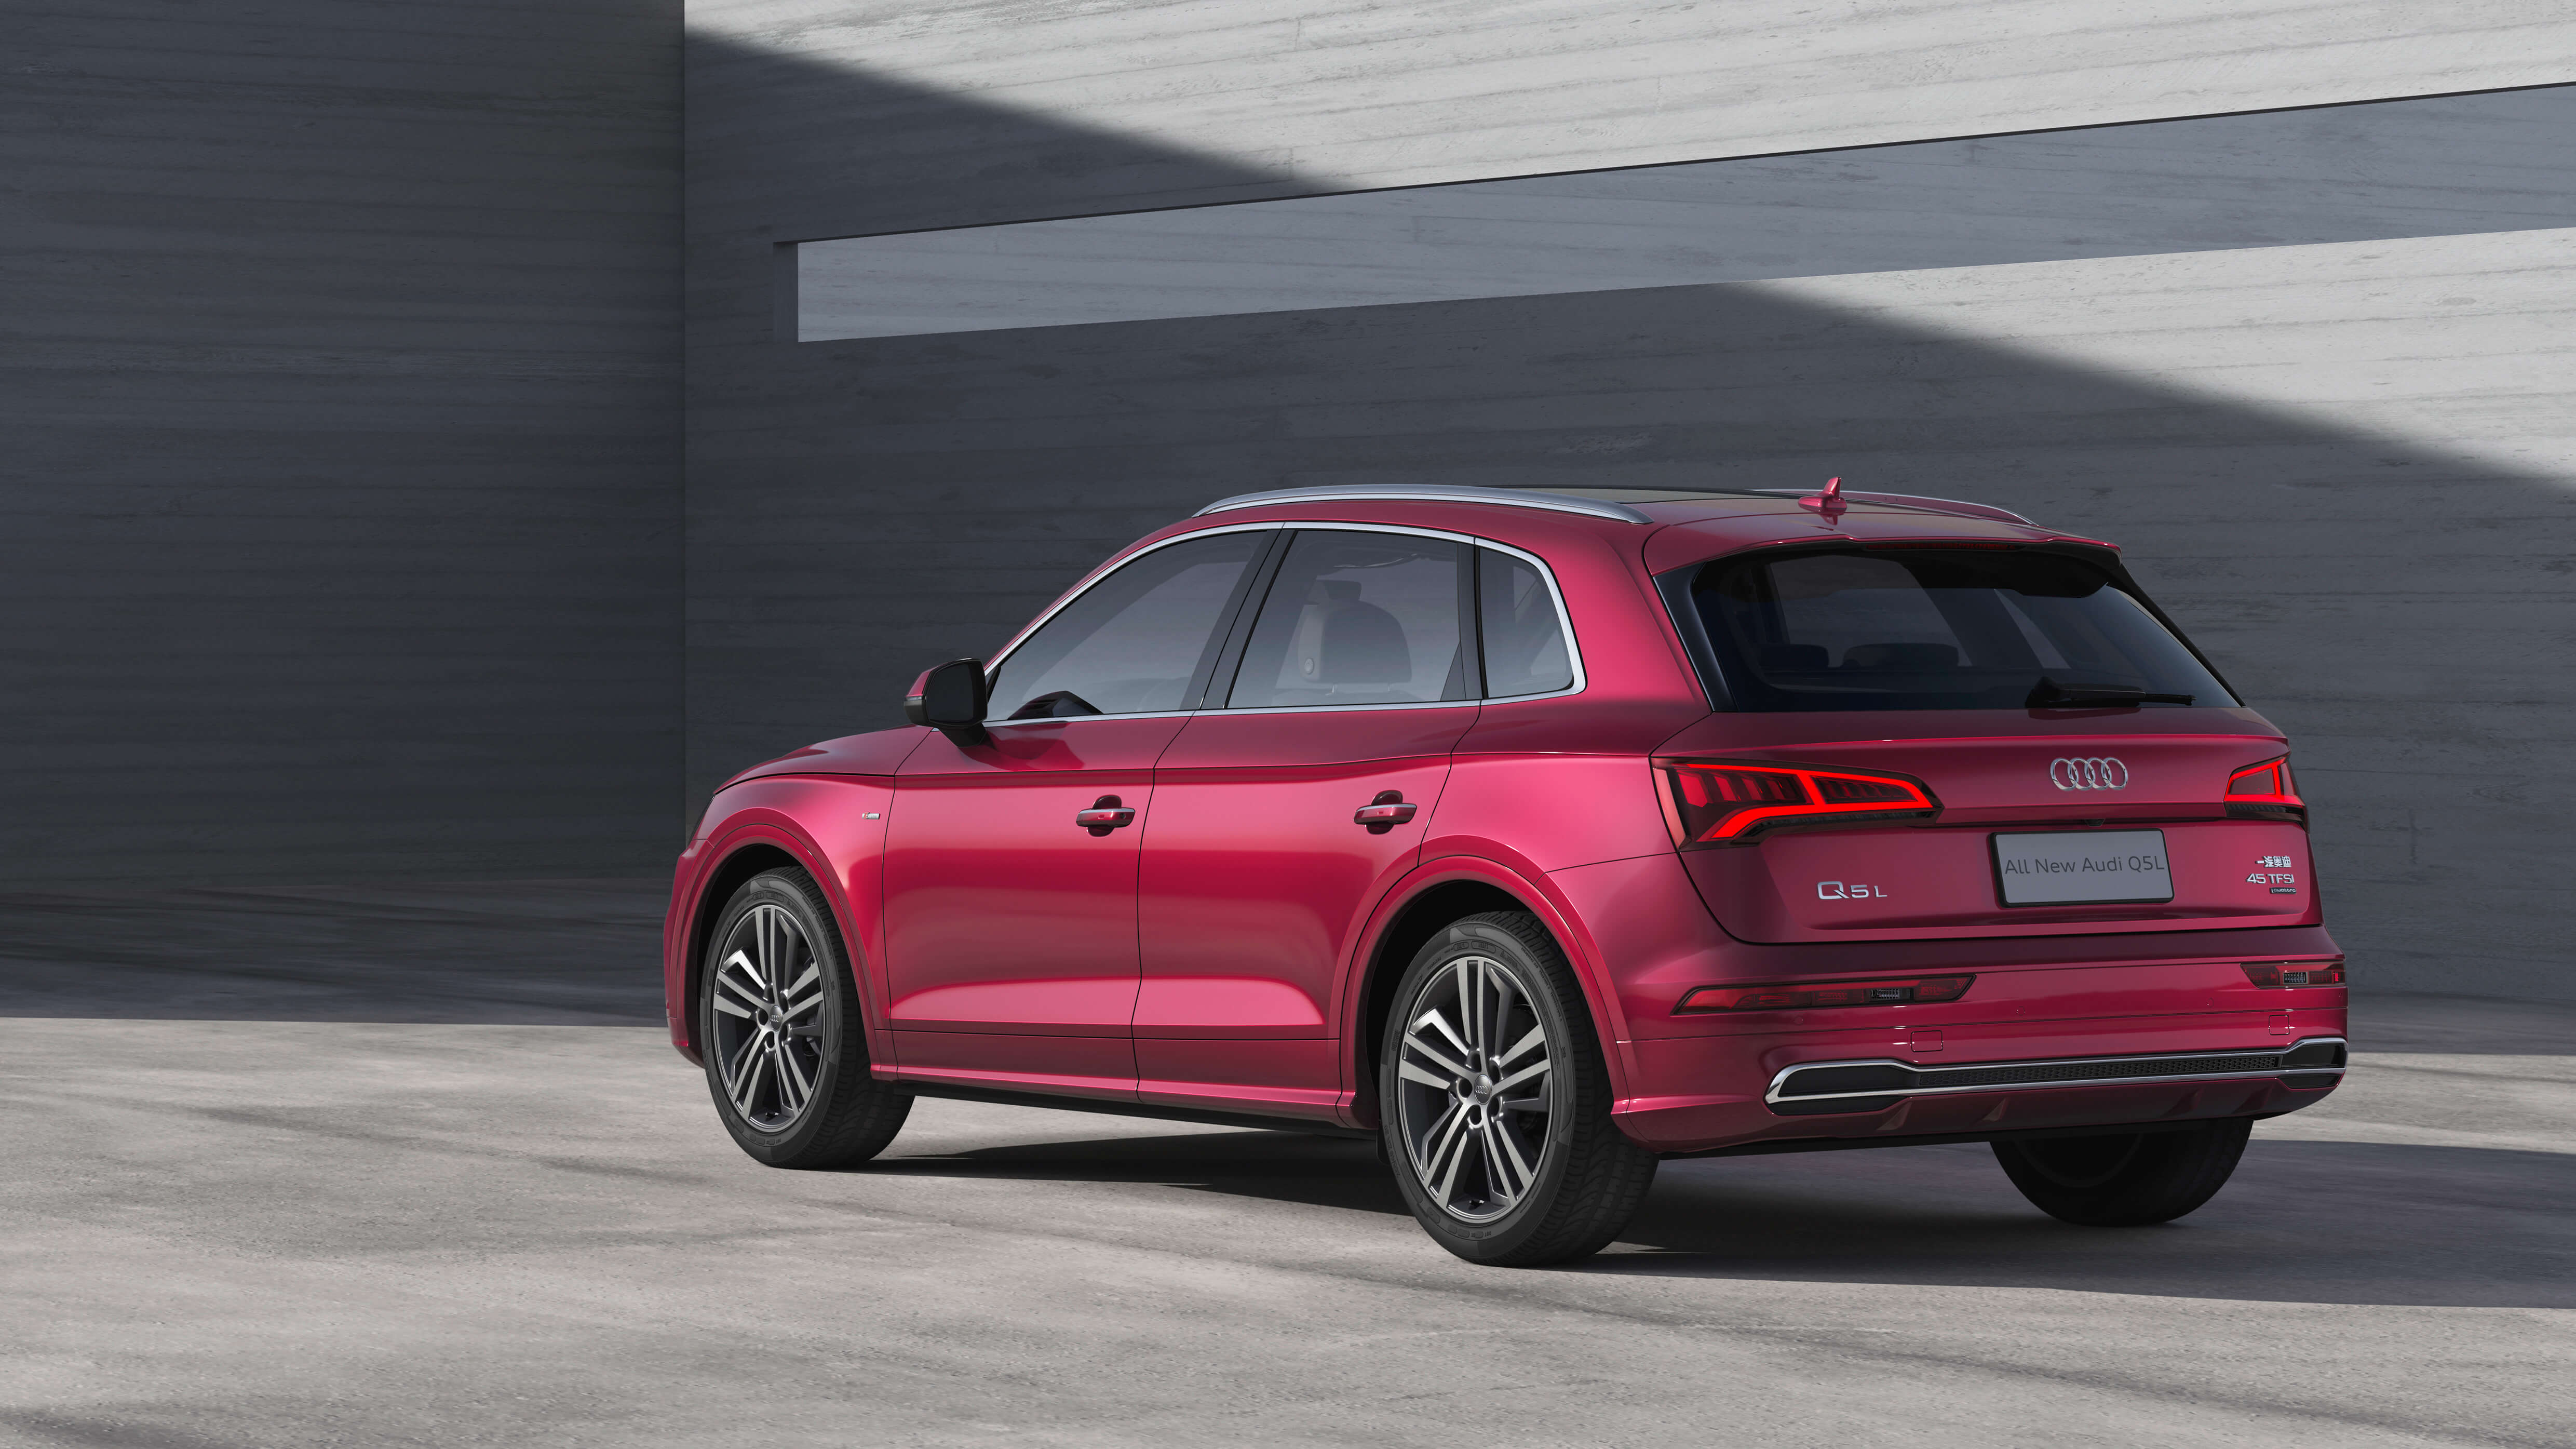 Versão alongada do Audi Q5 é exclusiva para a China